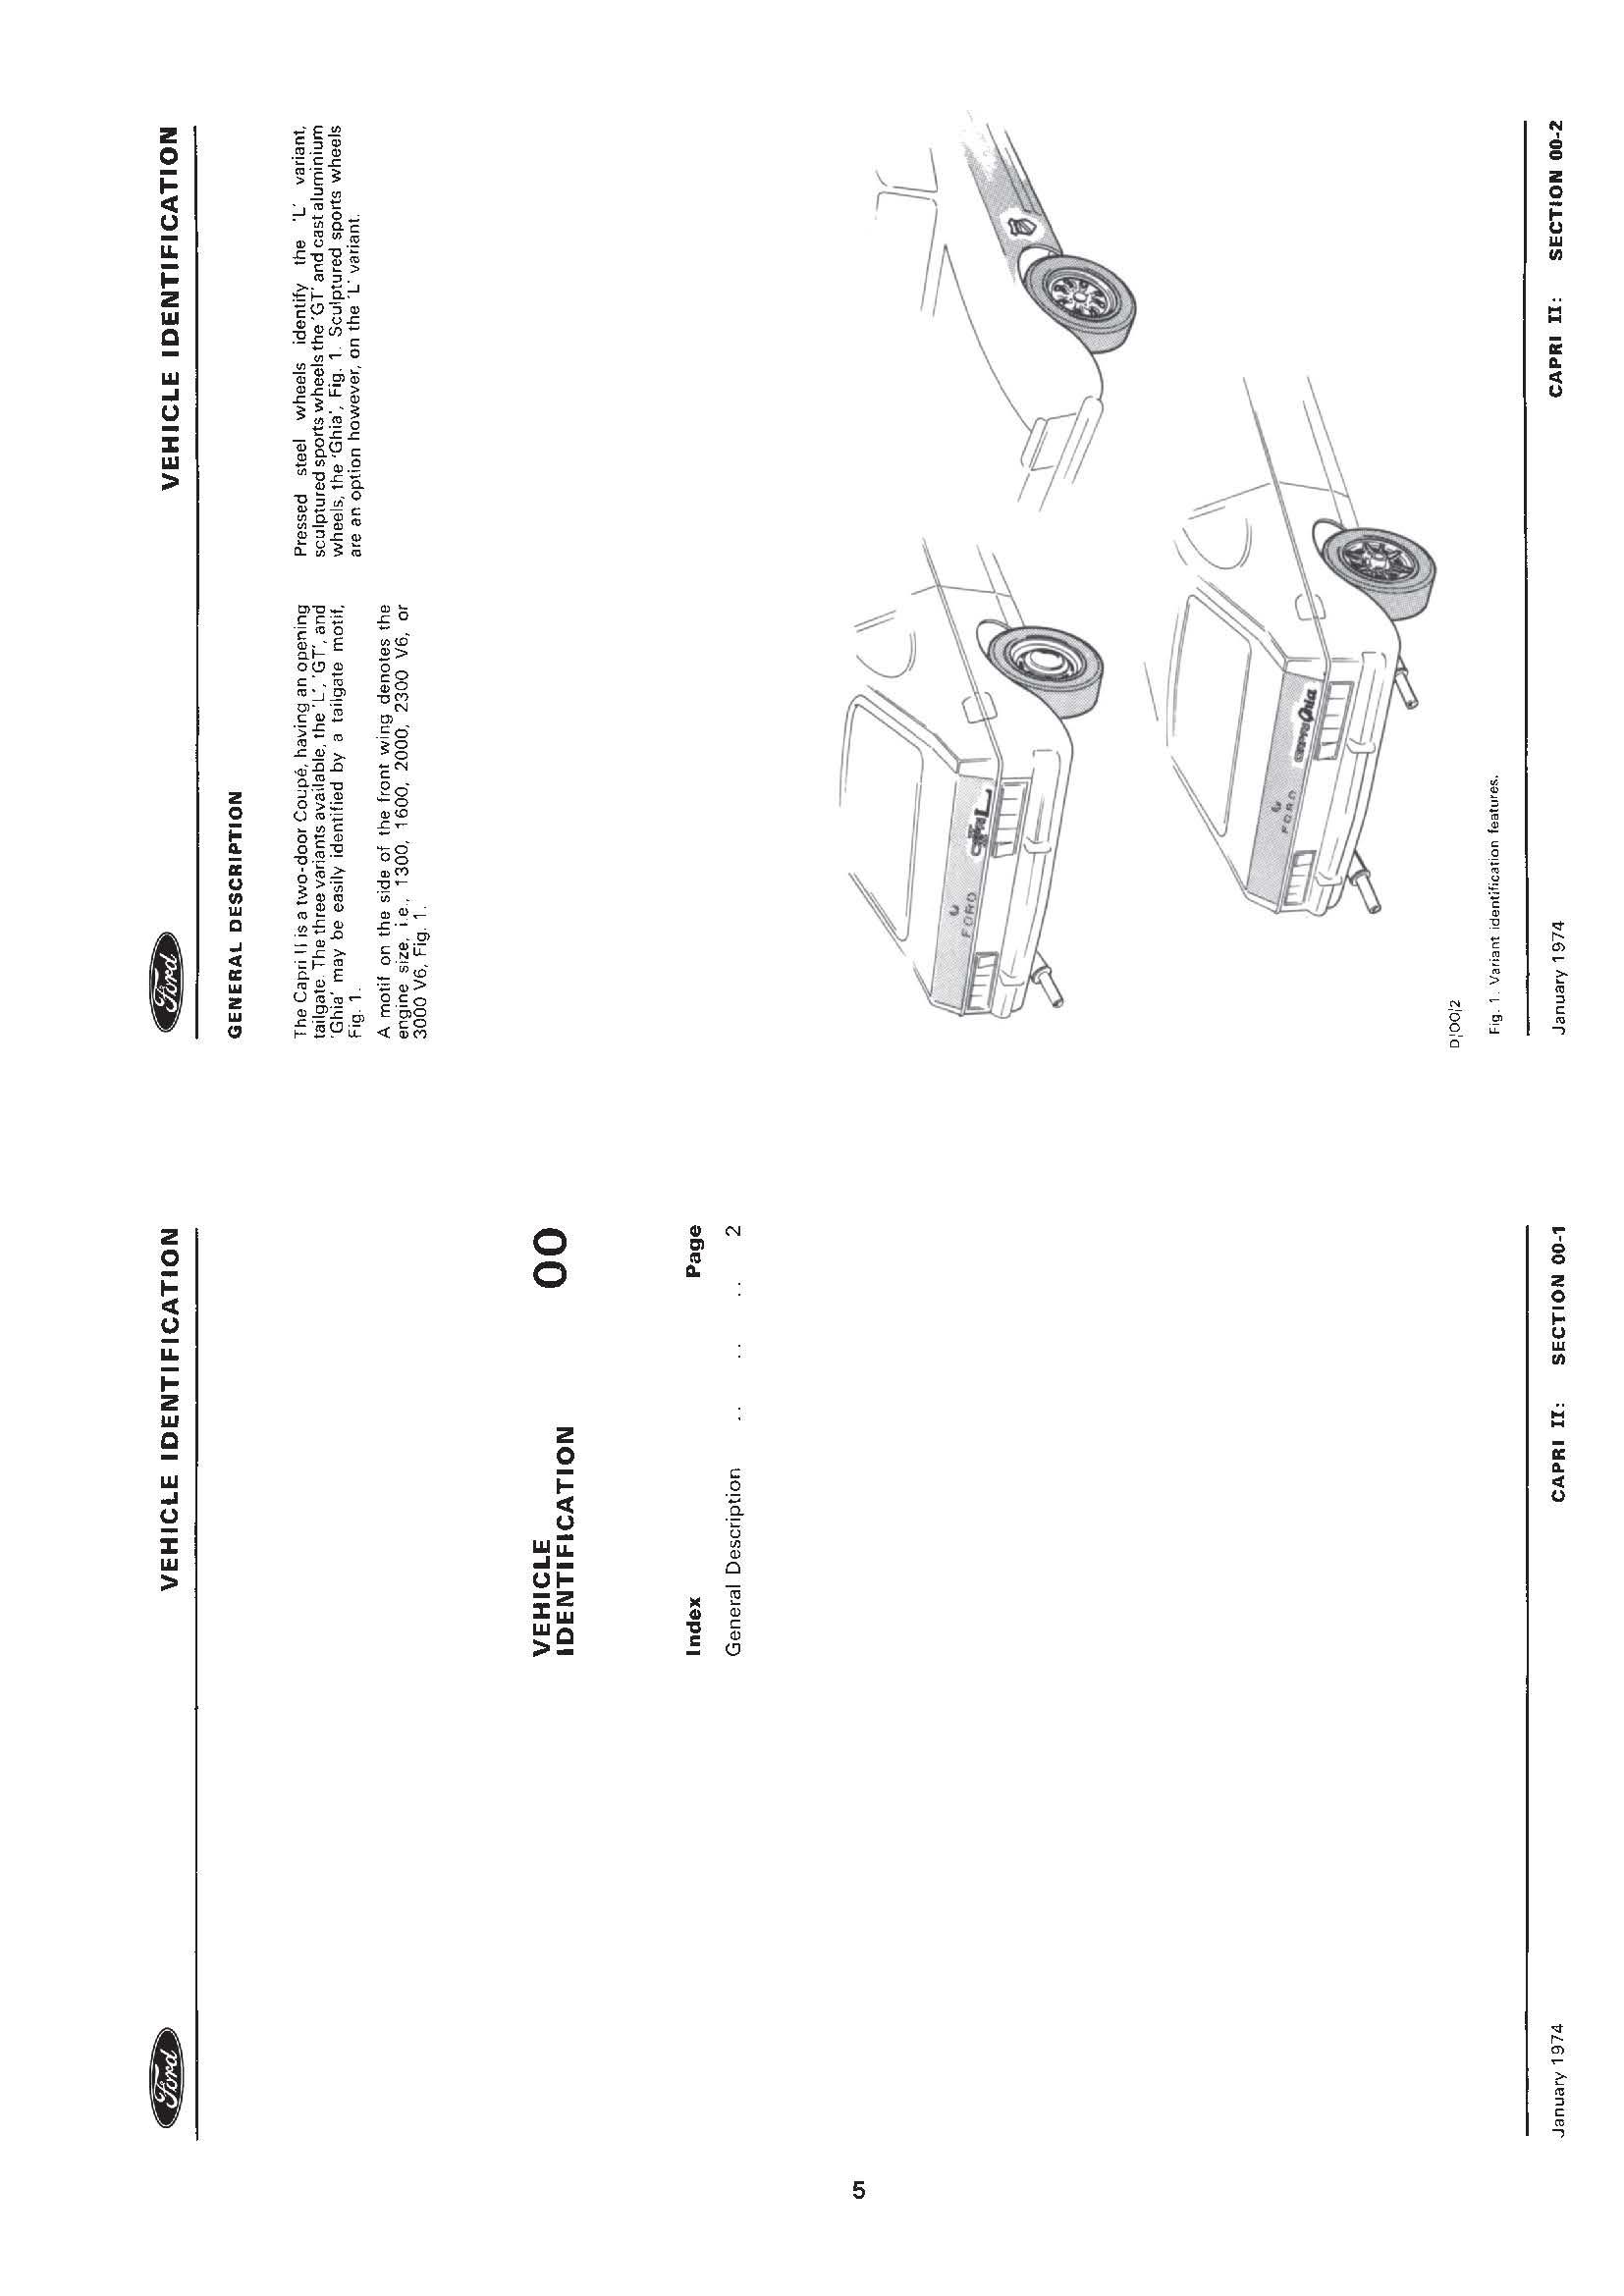 Ford Capri Workshop Manual 1974-1987